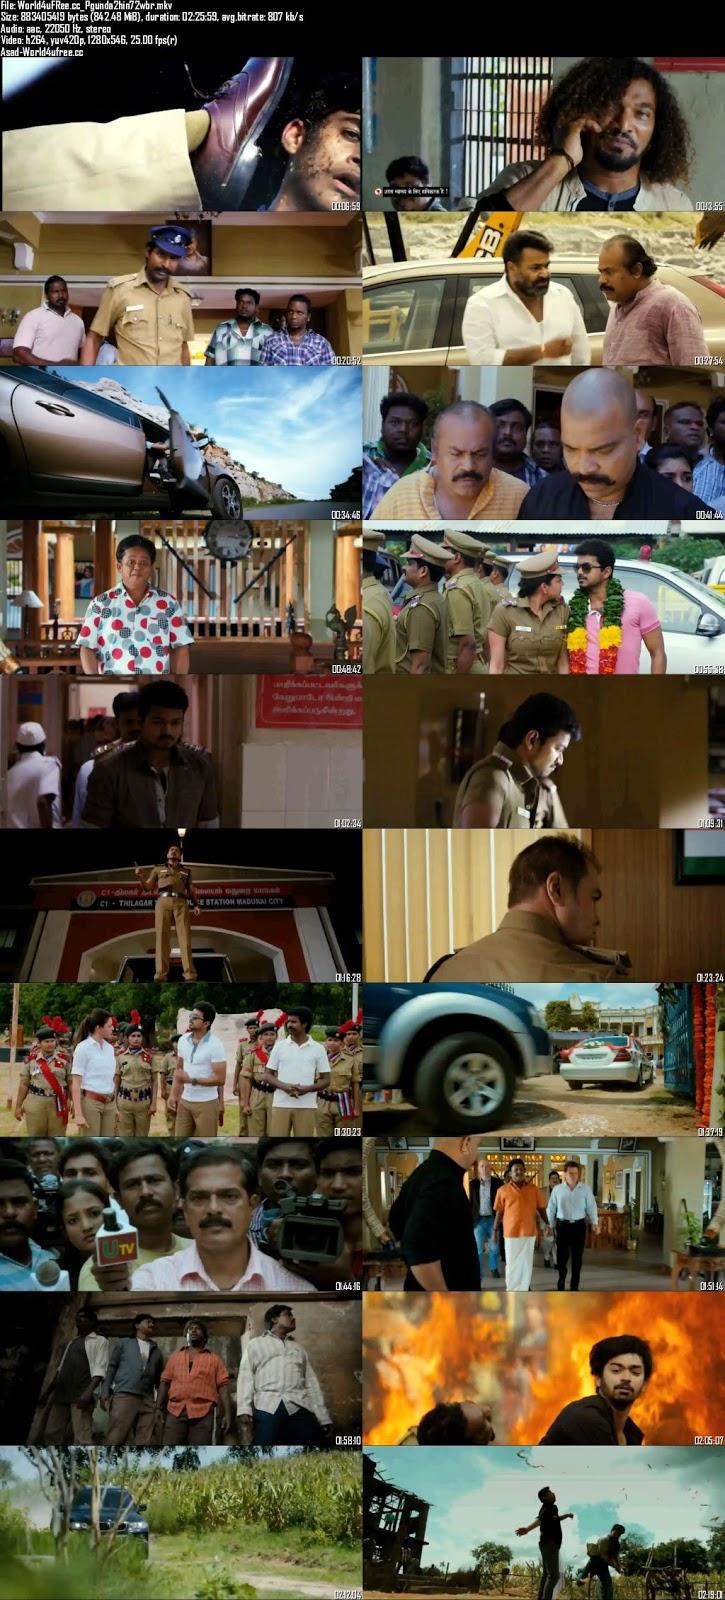 Policewala gunda 2 2014 hindi dubbed full movie lafayette 1961 policewala gunda 3 2015 full hindi dubbed movie with tamil songs chiyaan vikrampolicewala mafia hindi dubbed movie hd policewala gunda 2 altavistaventures Choice Image